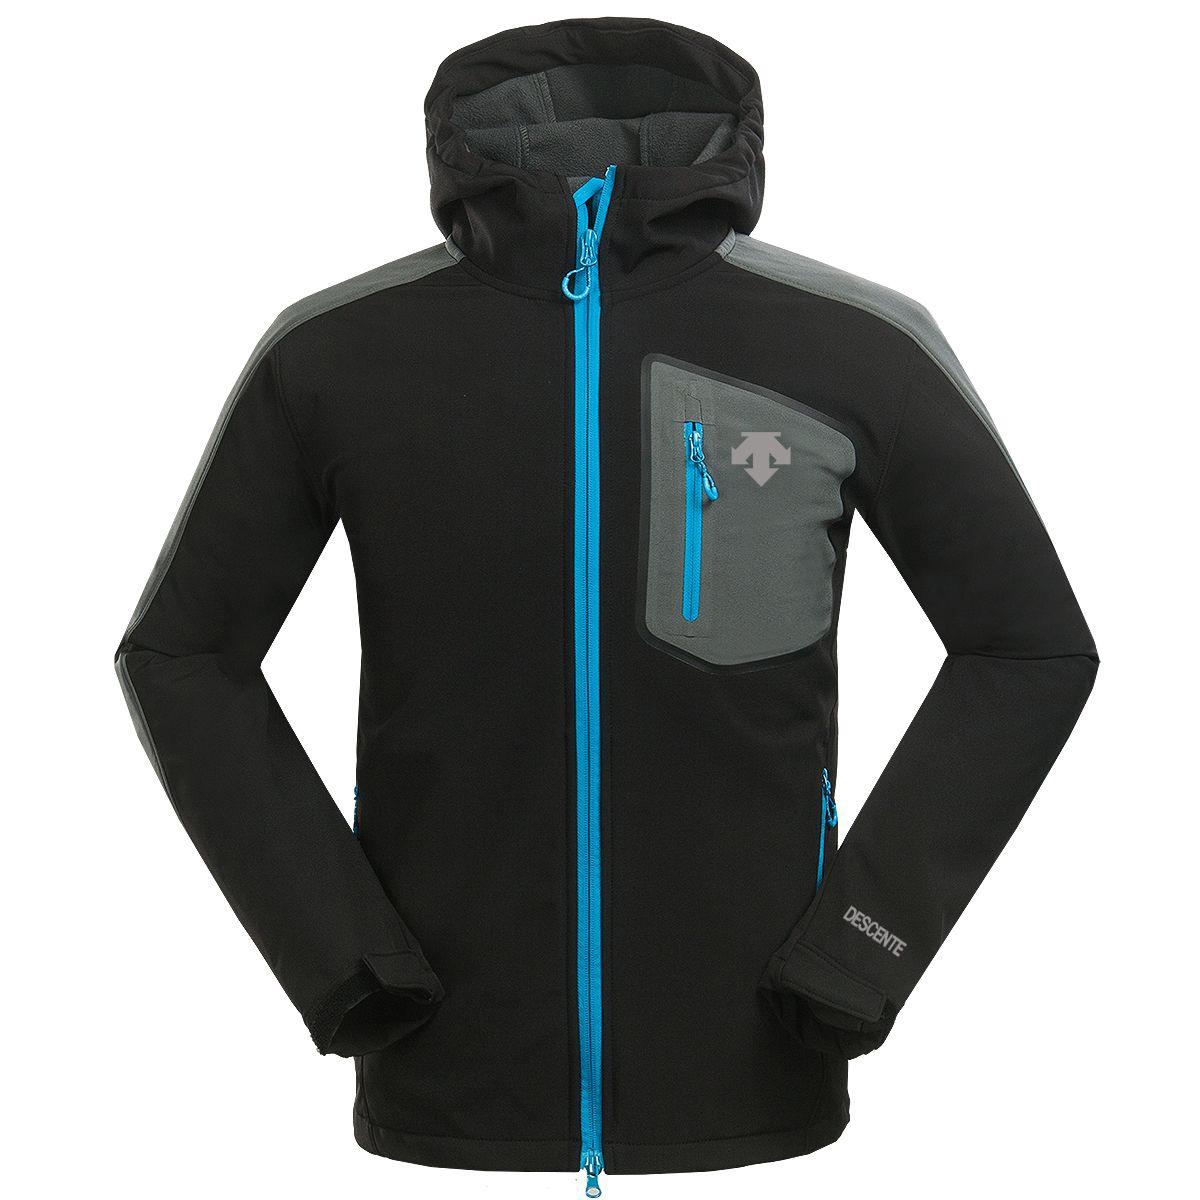 2019 nuovo The North mens DESCENTE Giacche Felpe Moda caldo casuale antivento sci Viso Cappotti All'aperto Denali Fleece Jackets 01